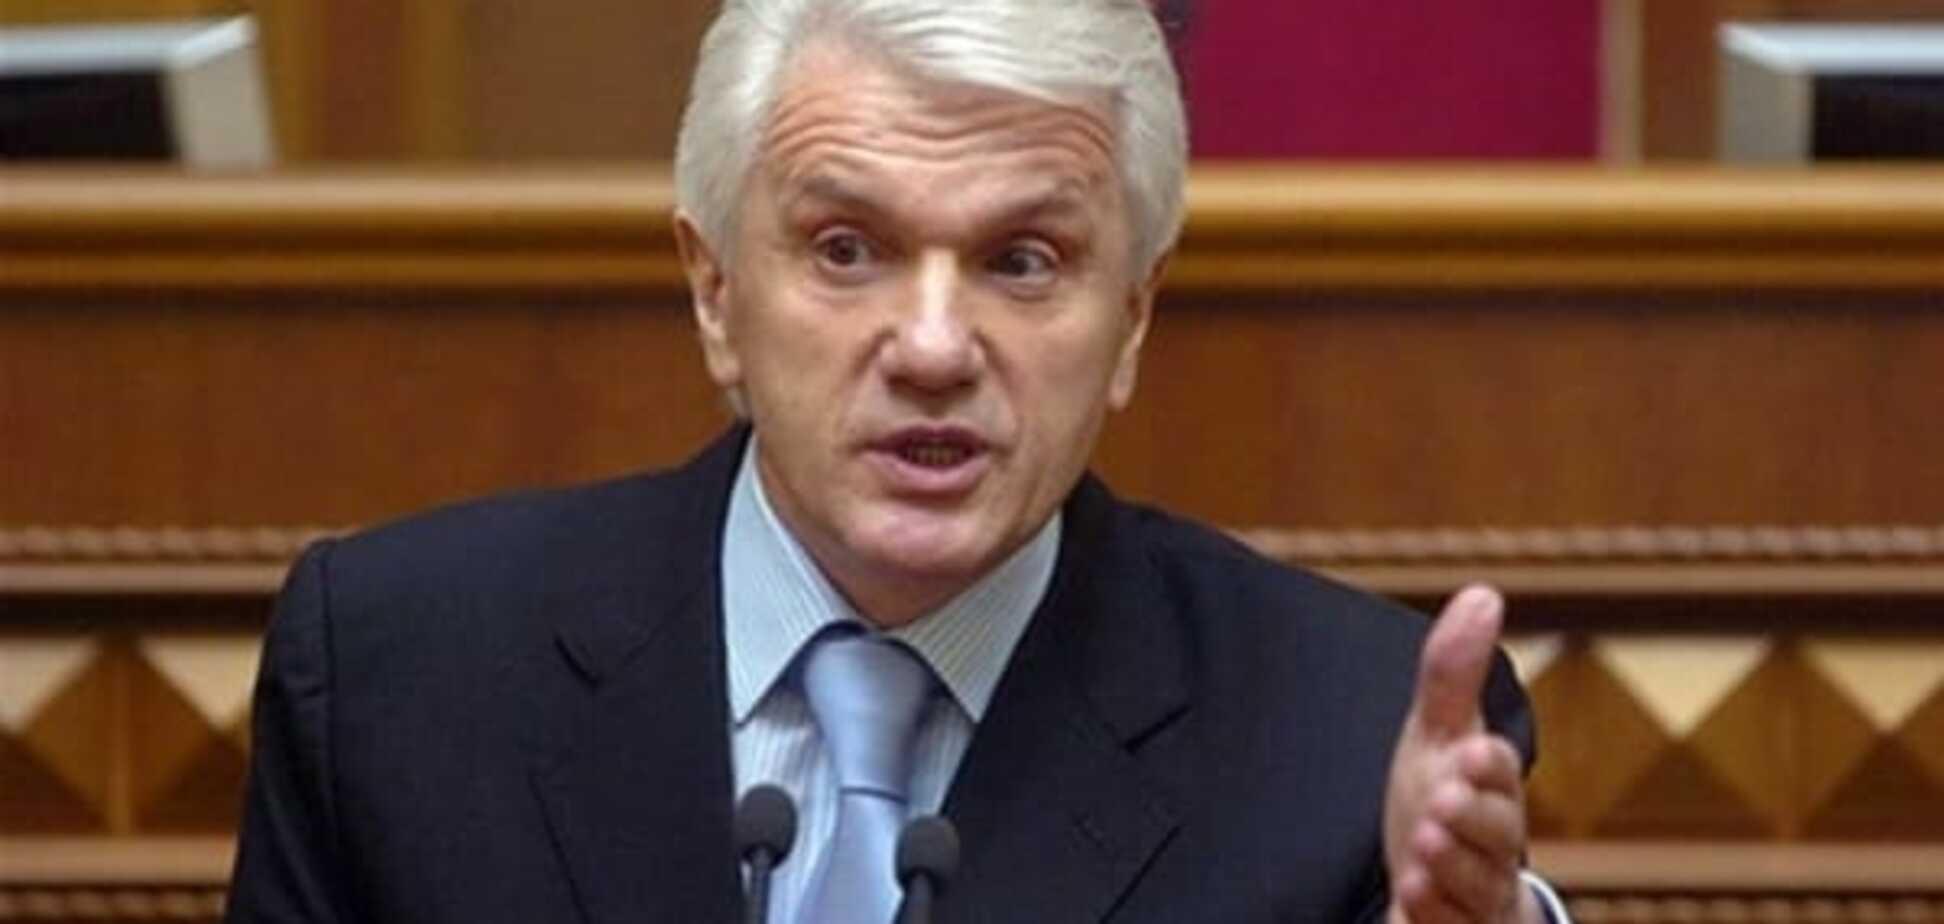 Литвин рассказал, как депутаты носятся с 'высунутыми членами': видеофакт